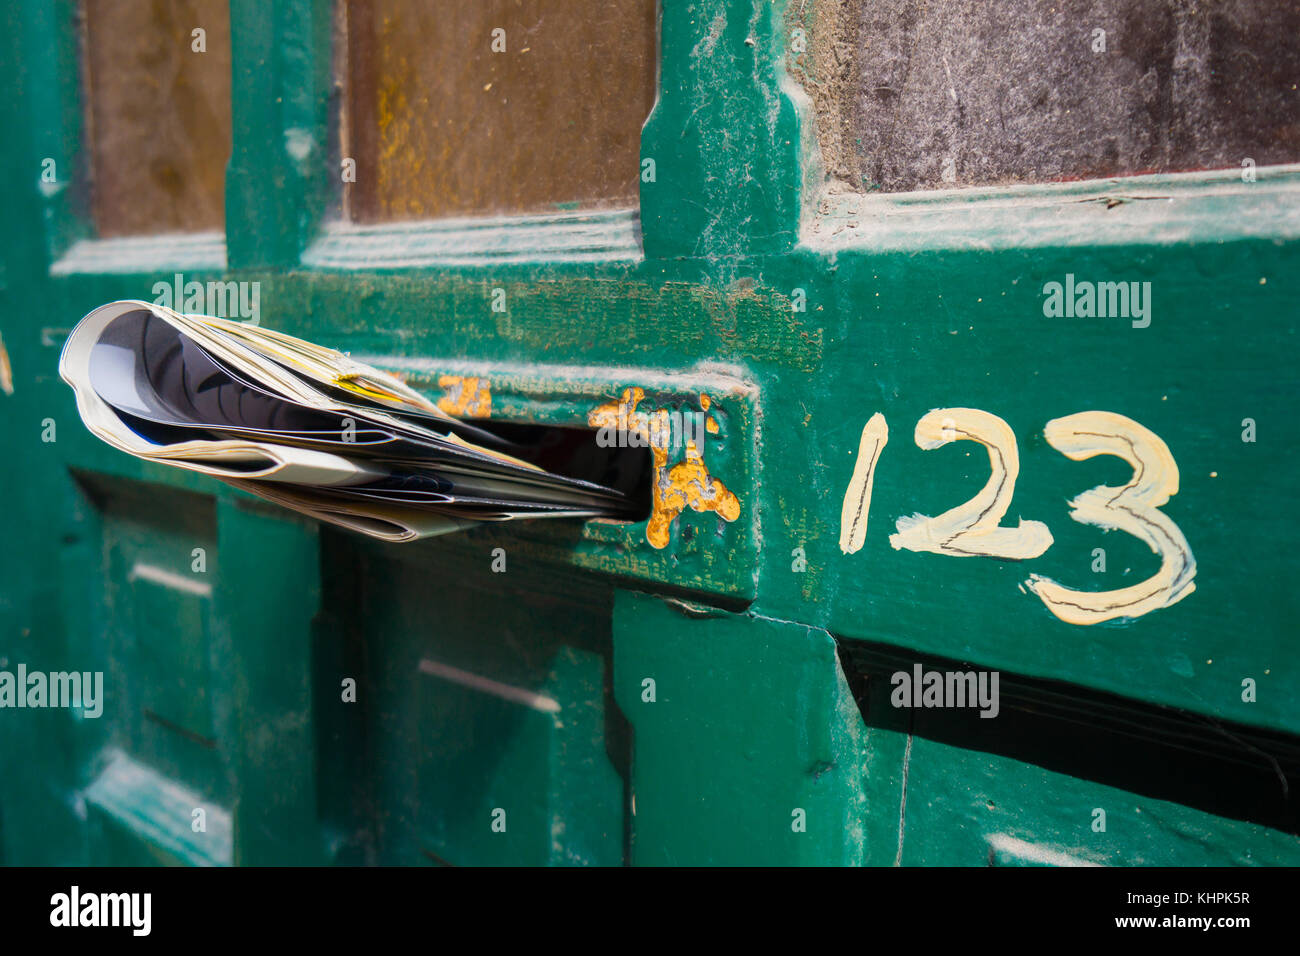 Letter Box Door Stock Photos & Letter Box Door Stock Images - Alamy